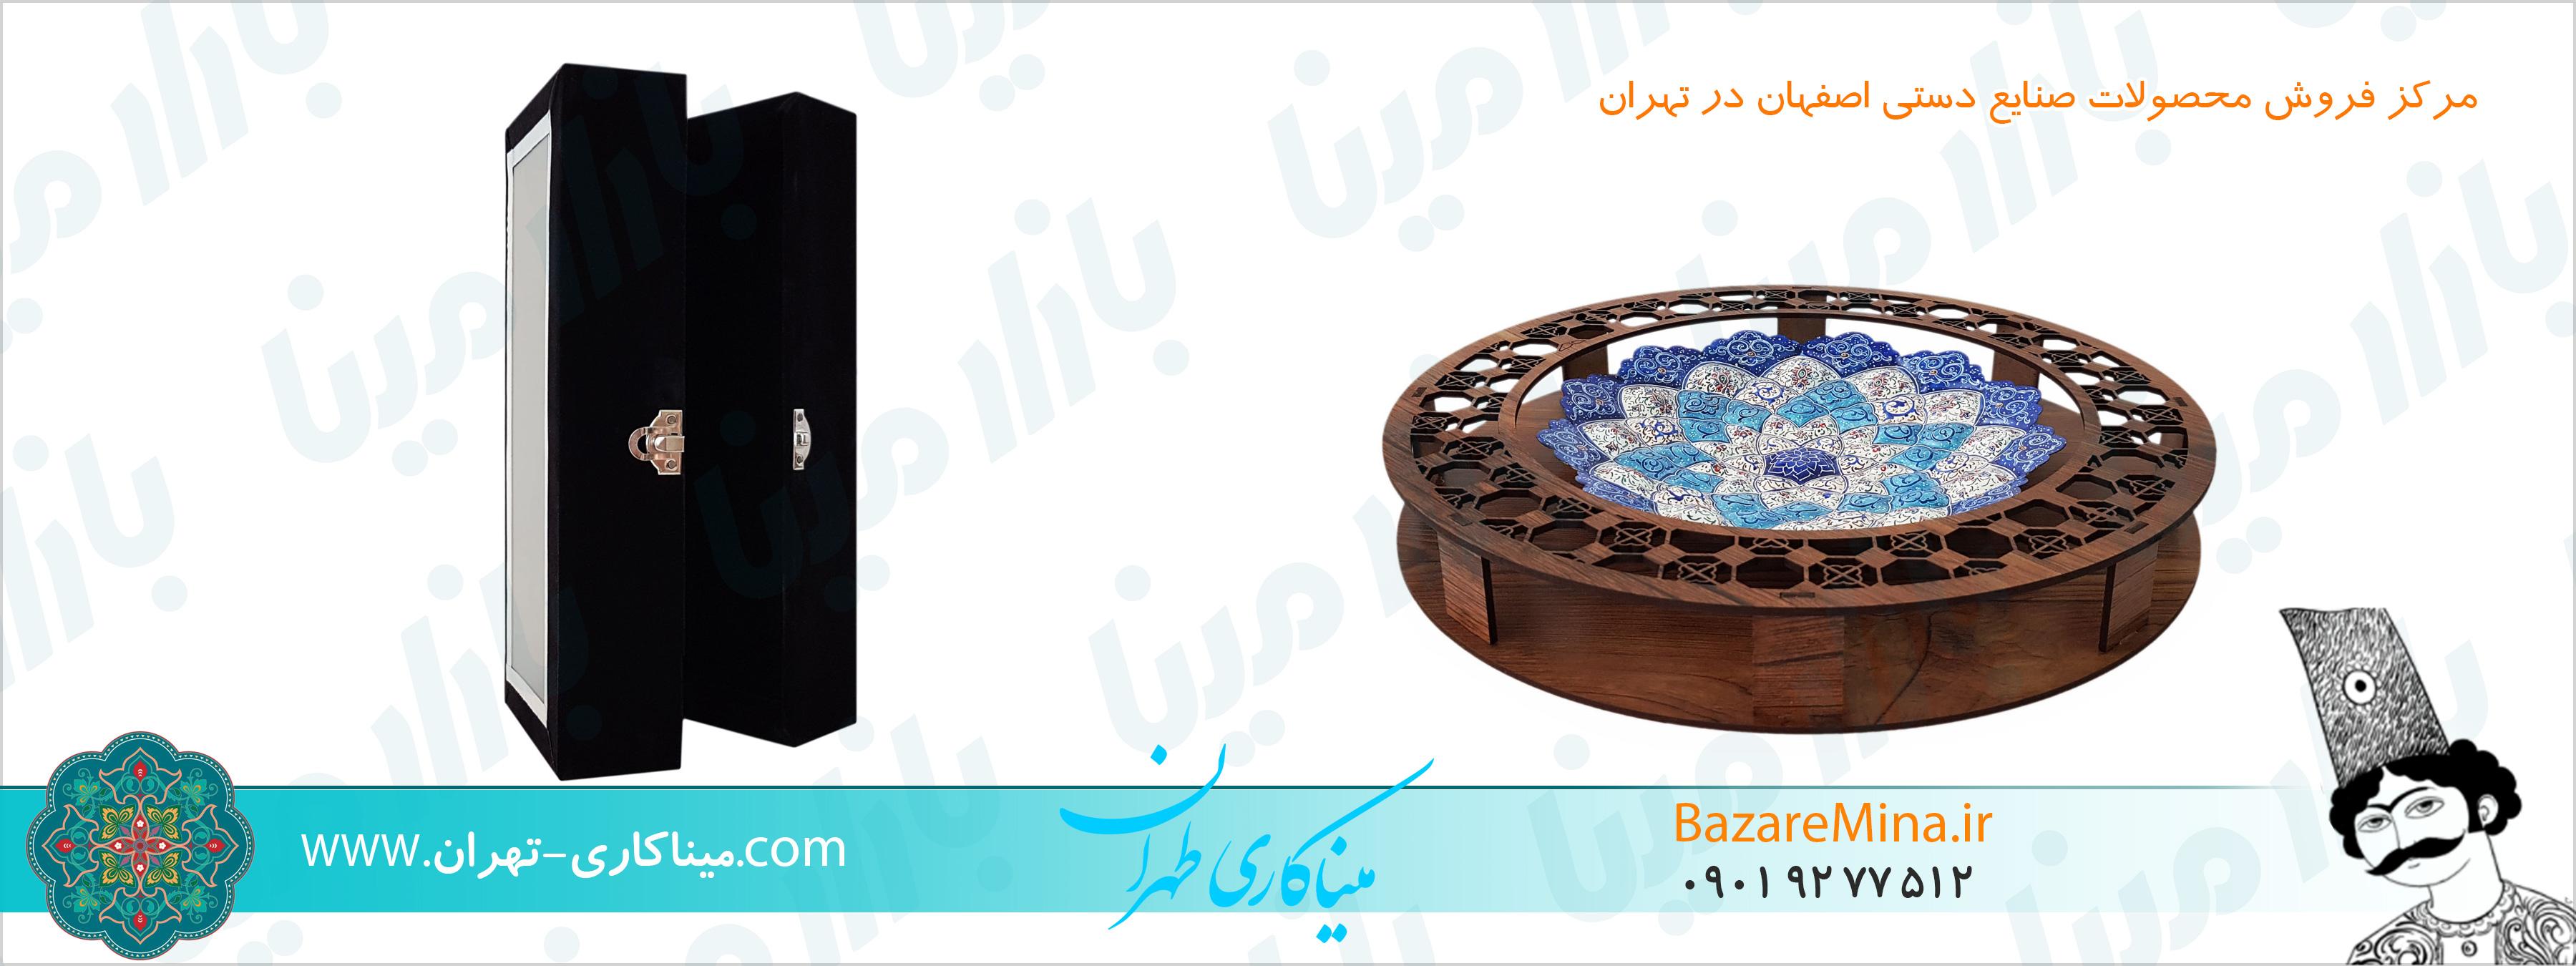 خرید عمده صنایع دستی در تهران